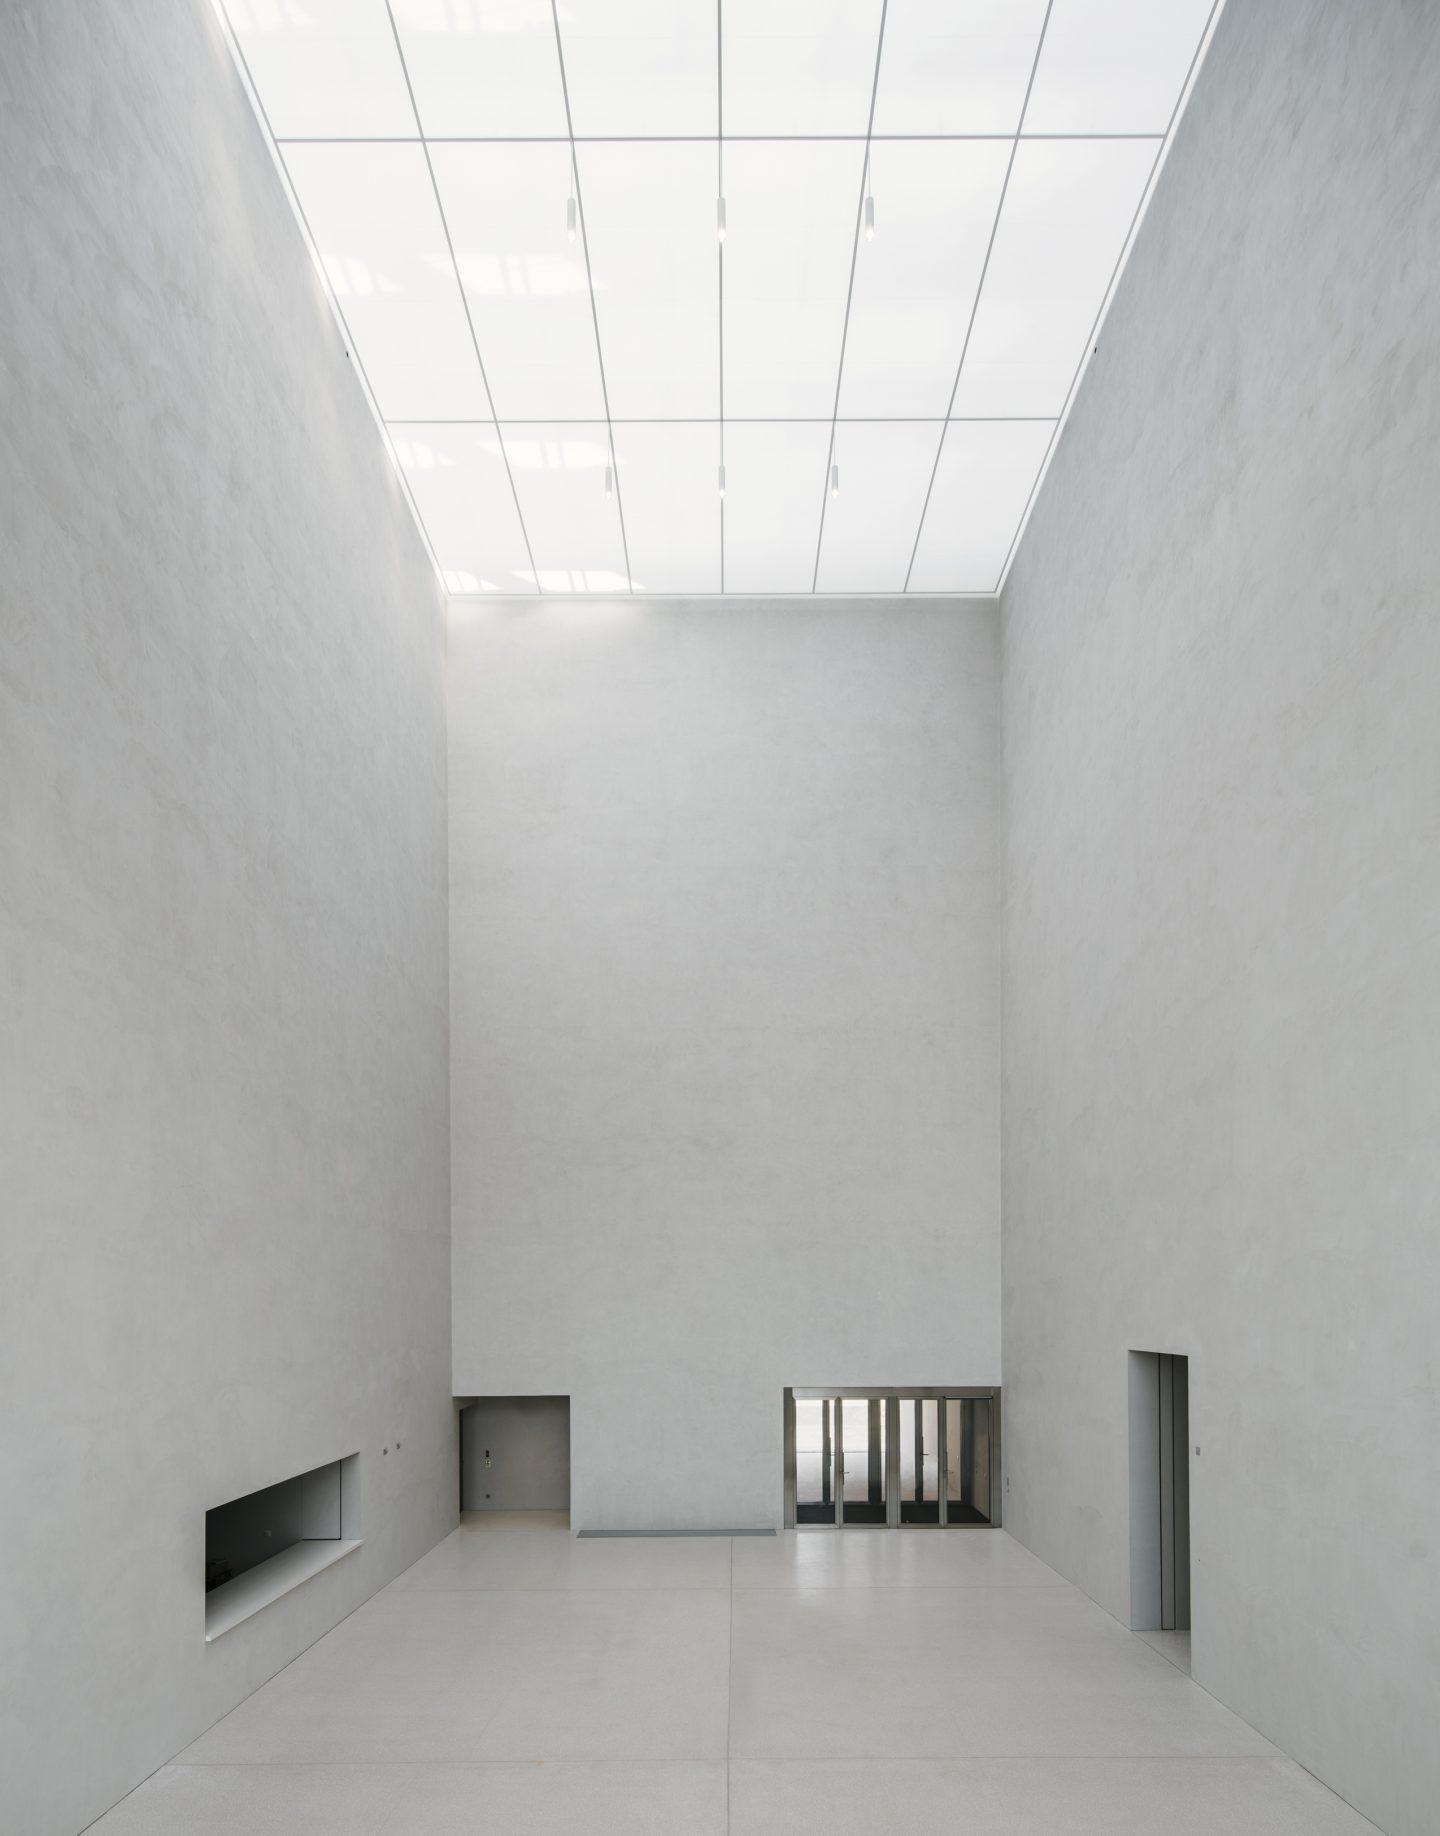 IGNANT-Architecture-Barozzi-Veiga-Museum-Lausanne-06